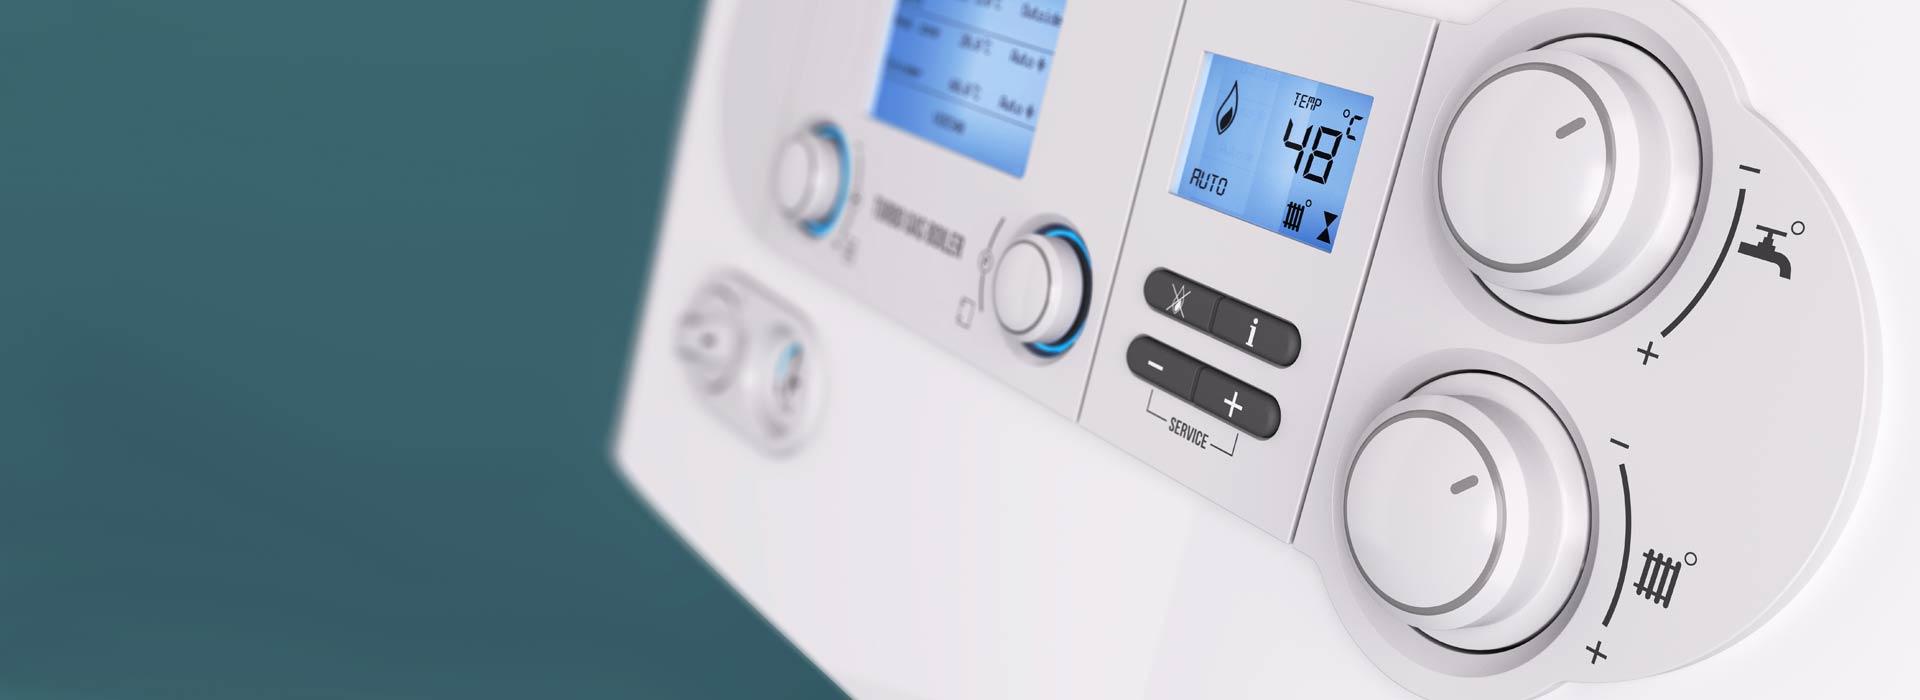 Caldaia A Condensazione Svantaggi caldaia a gasolio - roner gmbh, l'idraulico di ora